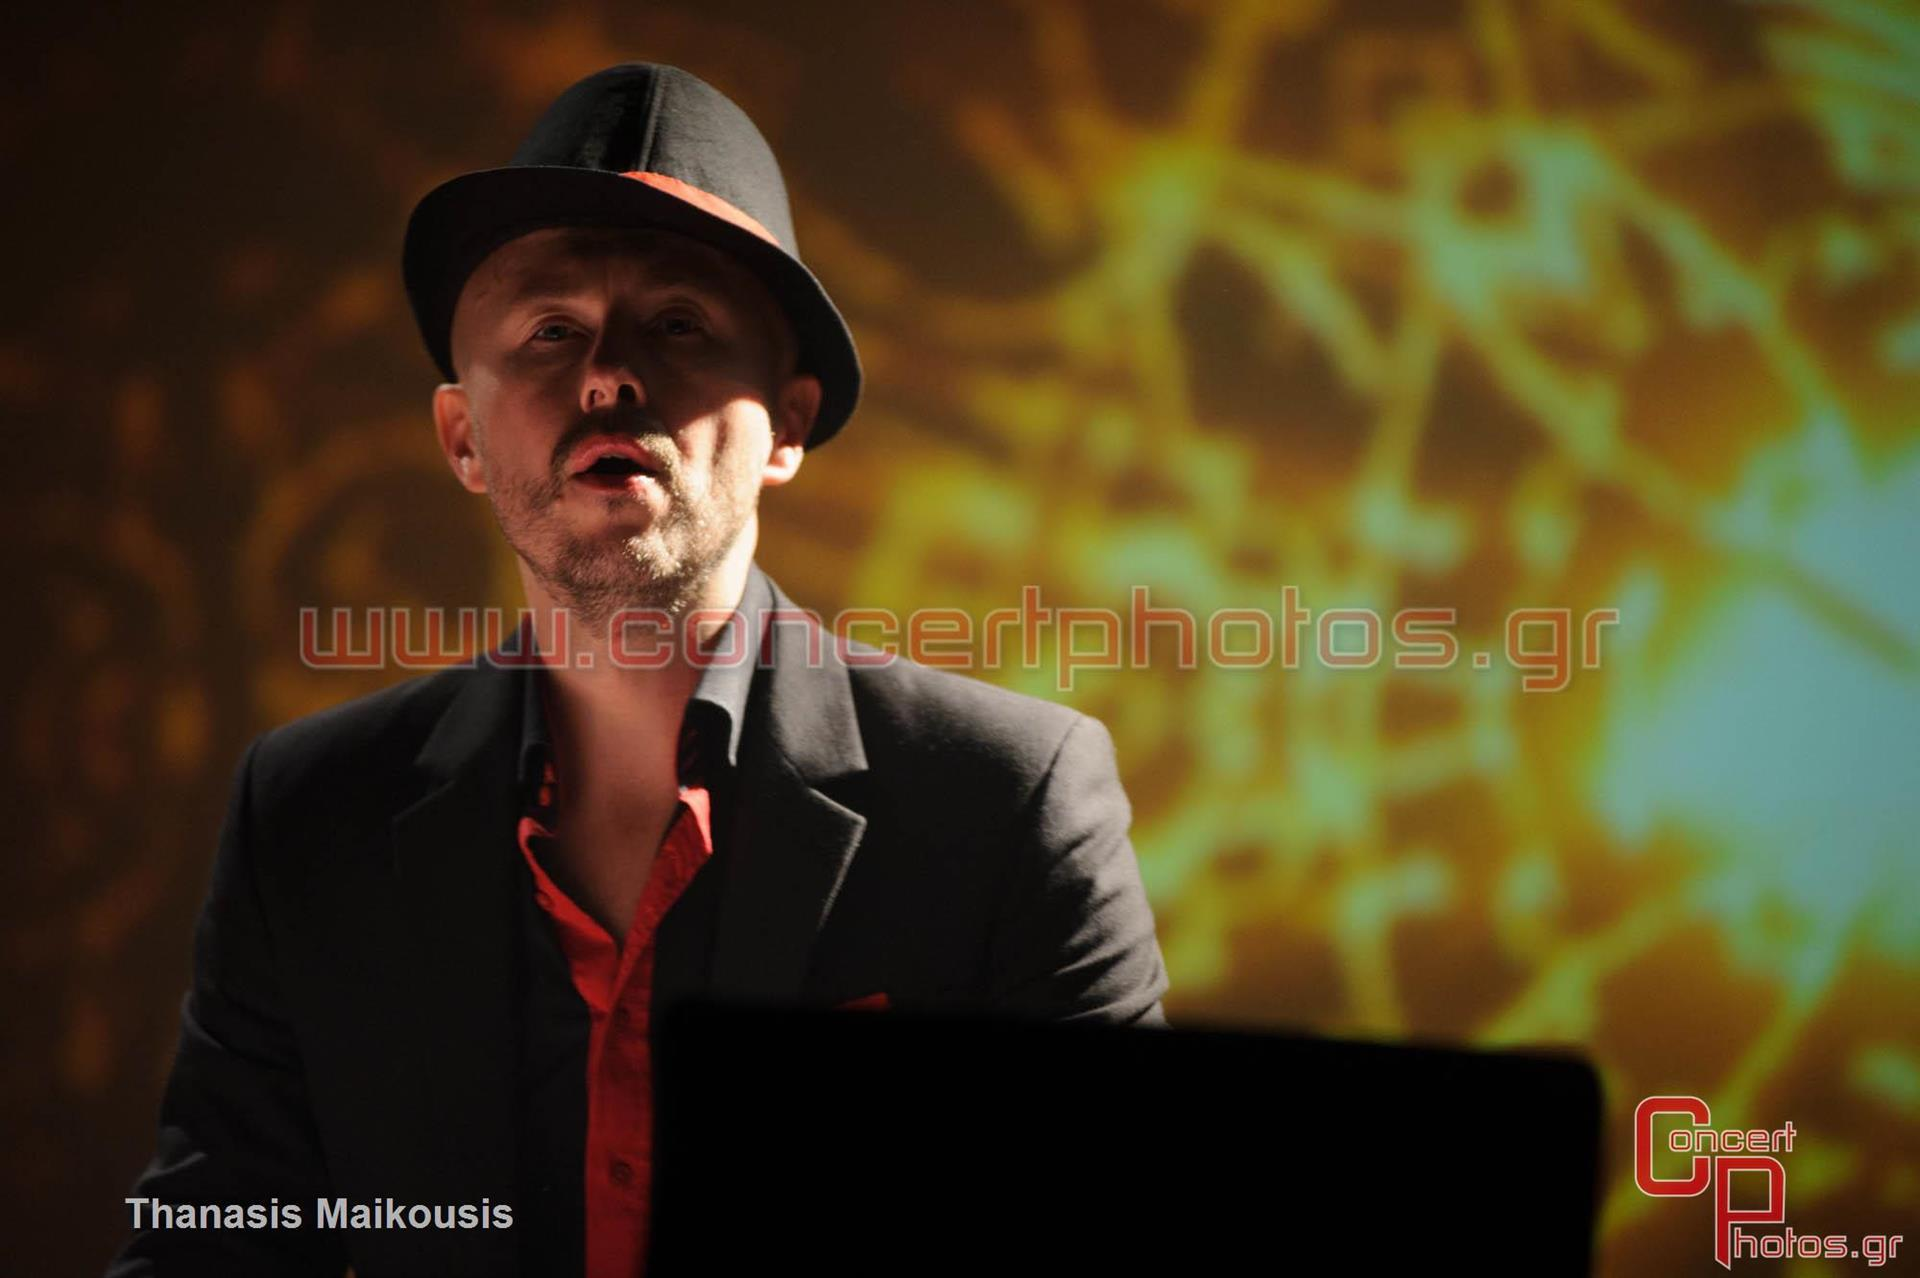 Wax Tailor - photographer: Thanasis Maikousis - ConcertPhotos-7664